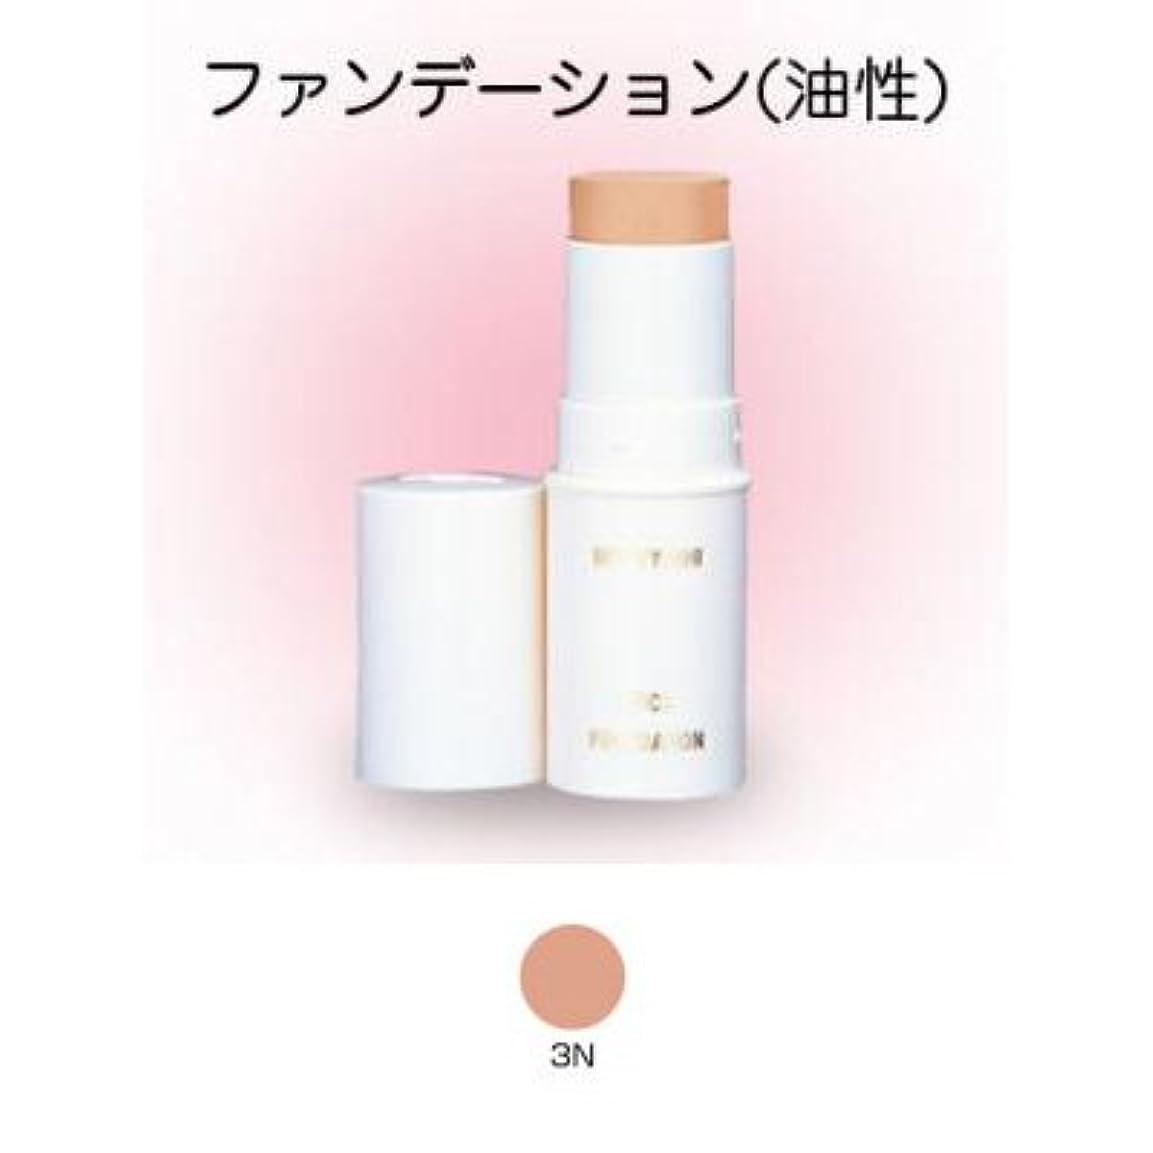 パッドチューインガム大胆スティックファンデーション 16g 3N 【三善】